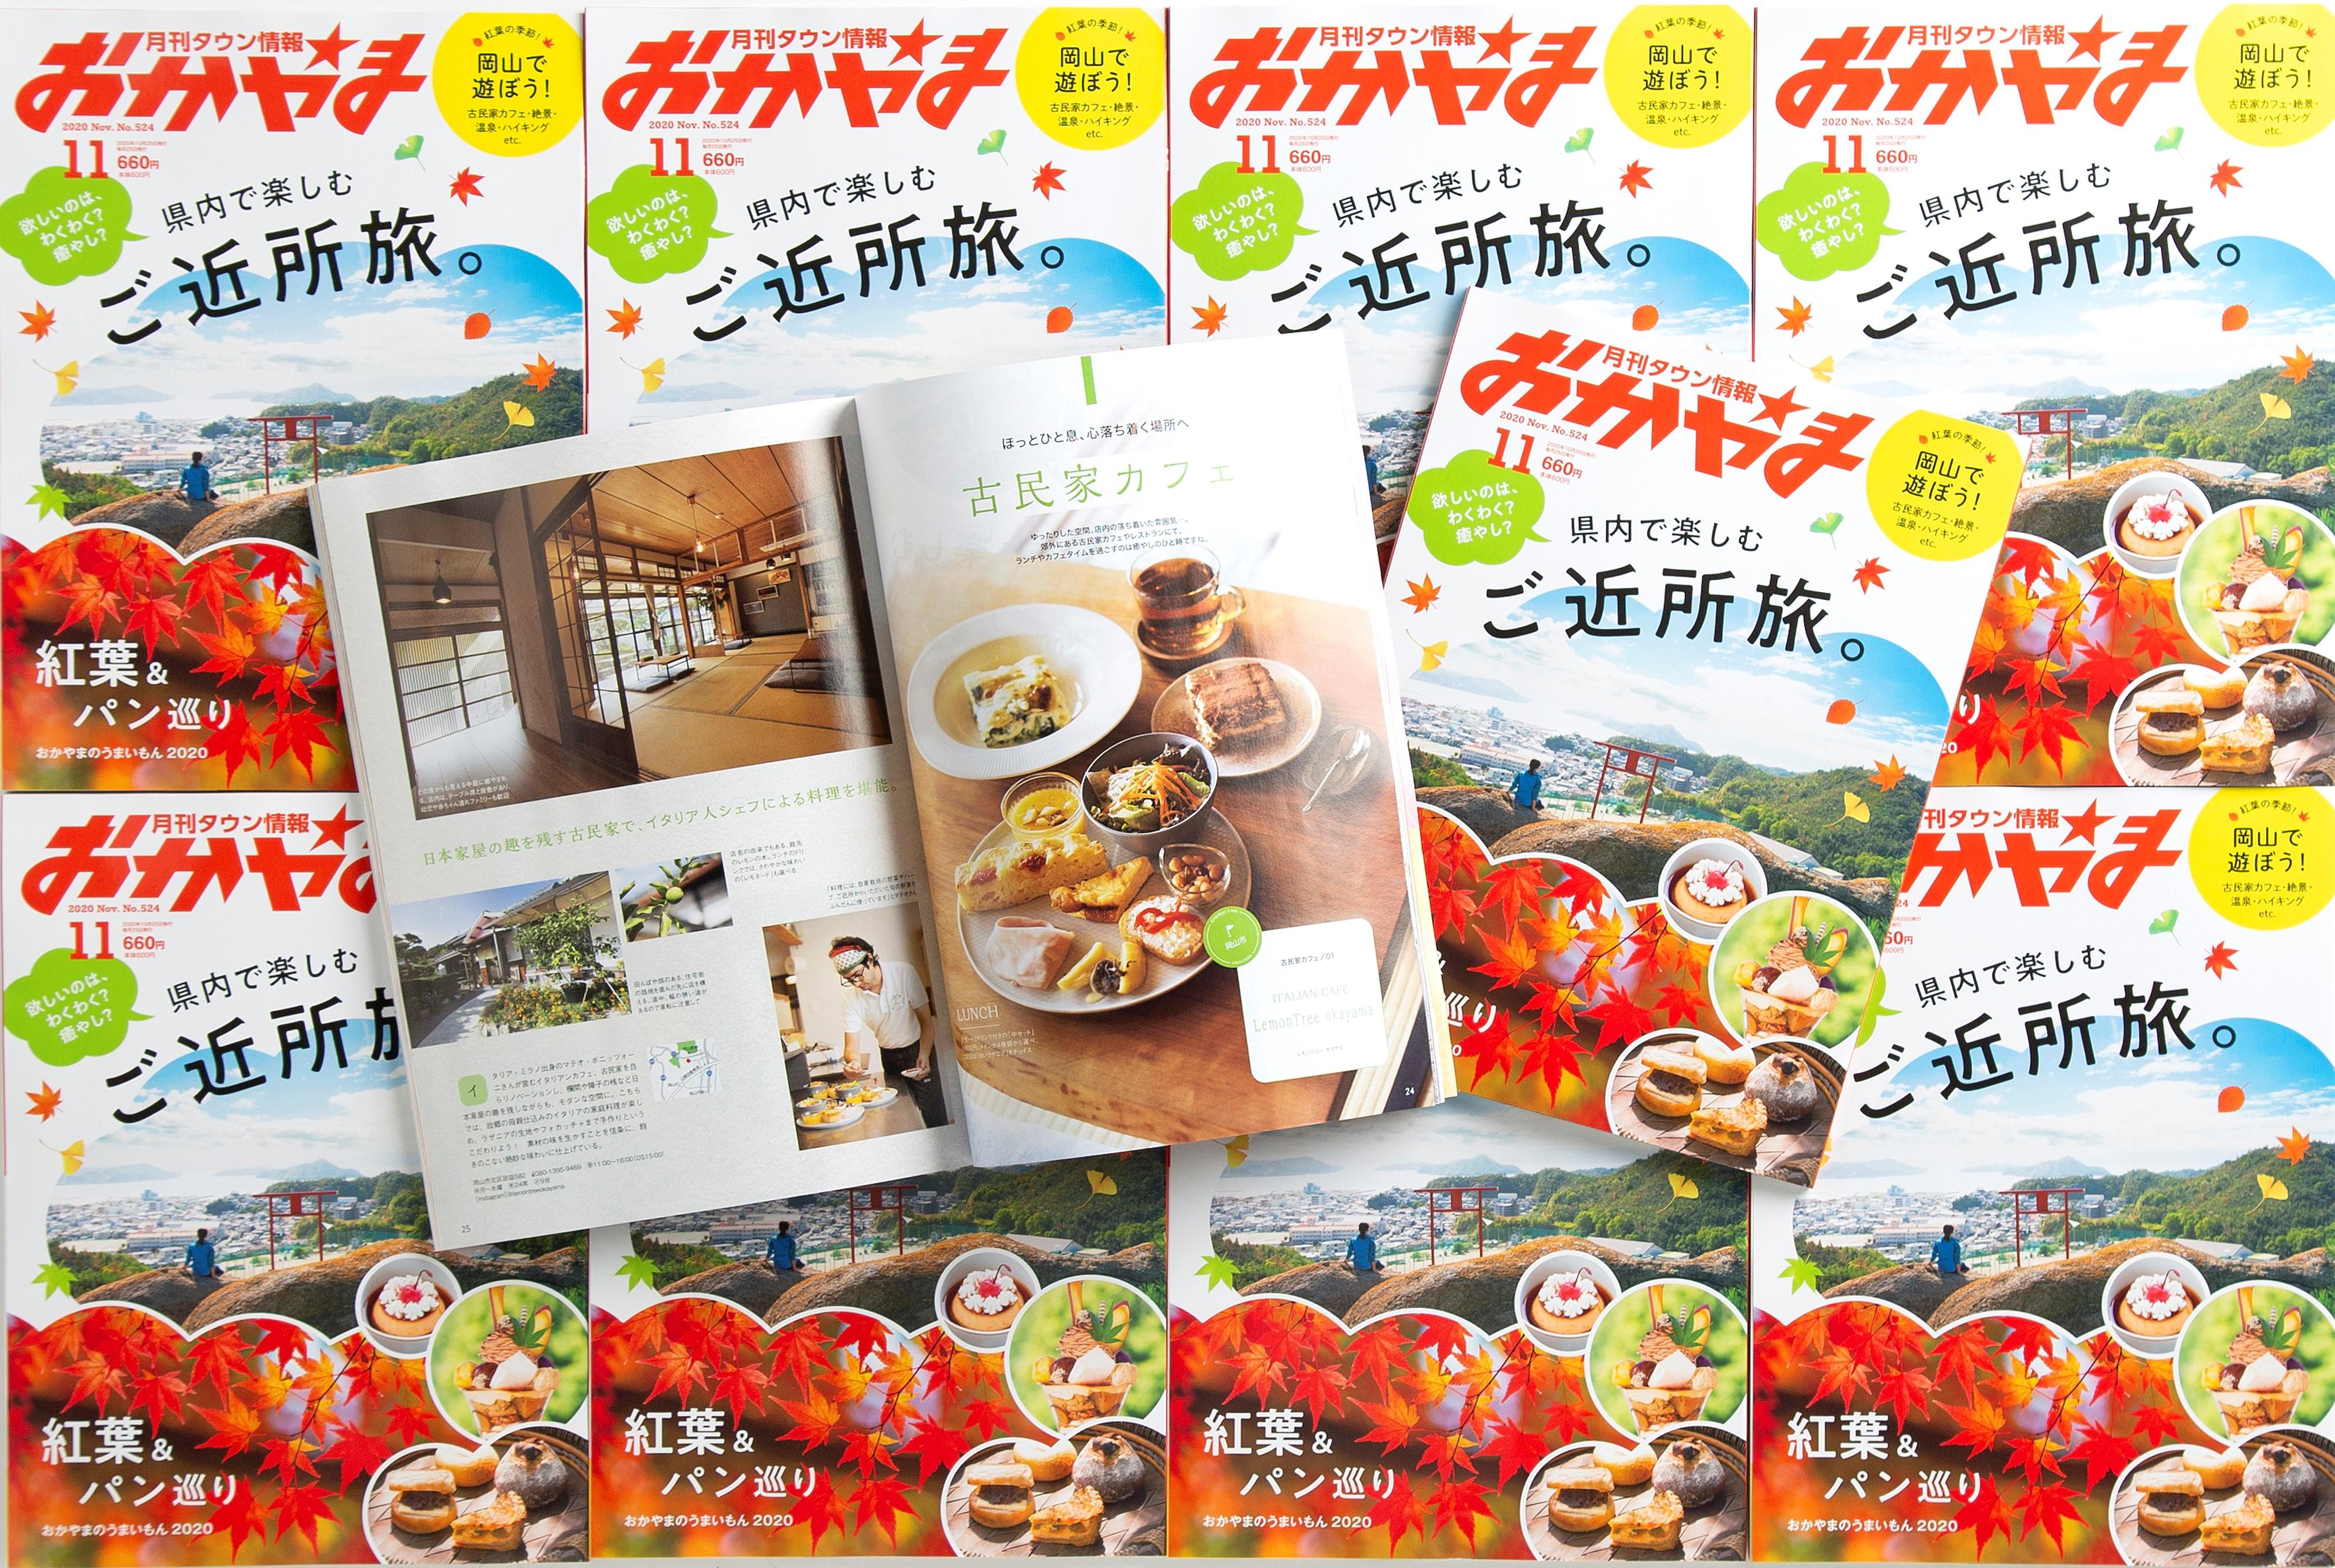 タウン情報おかやま11月号に瀬戸内カメラガールズの写真が掲載されました!画像